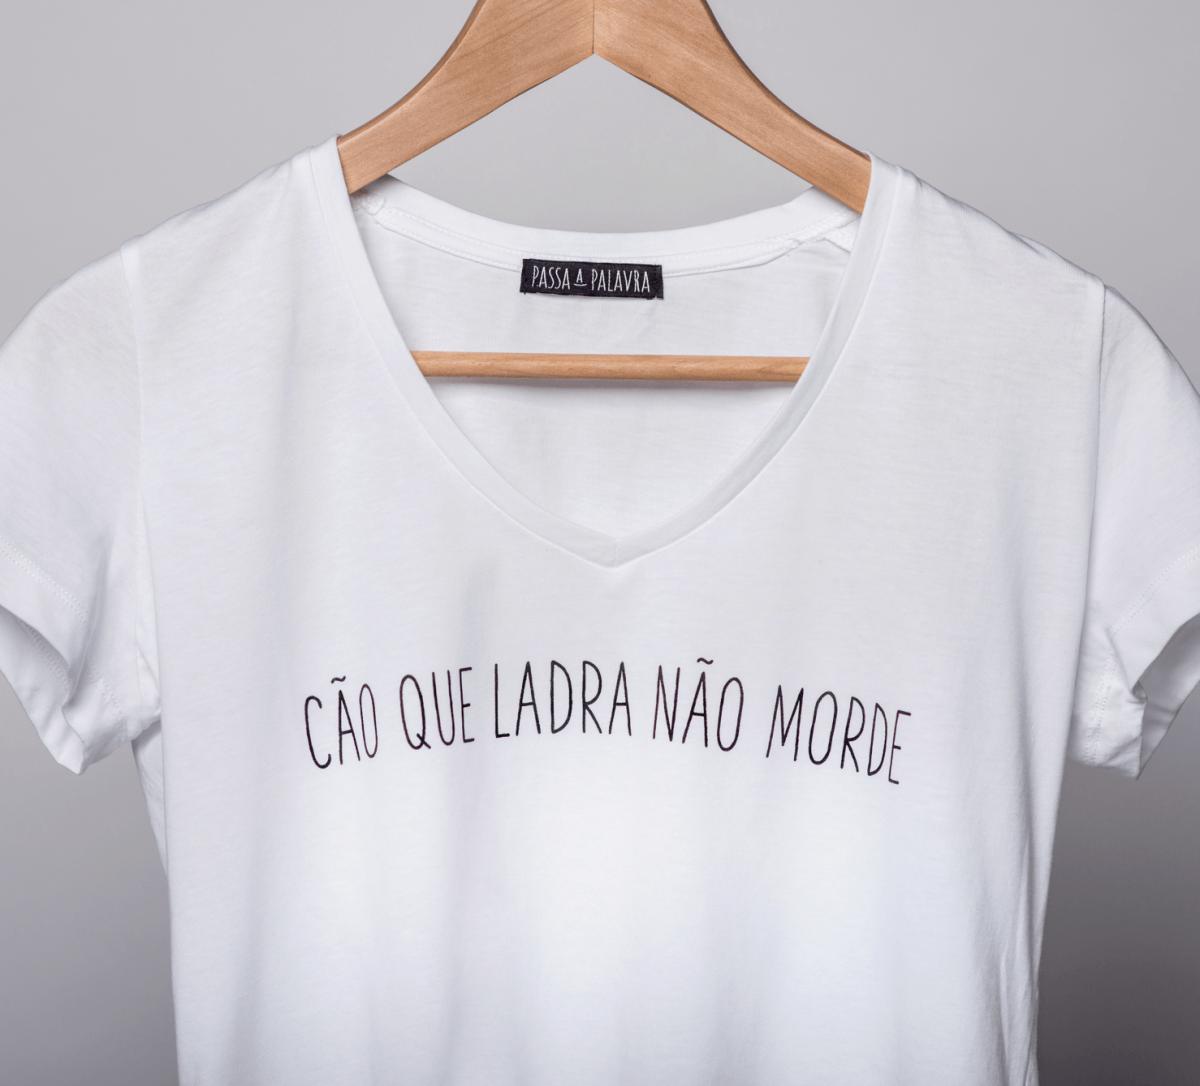 Passa-a-Palavra: marca de t-shirts homenageia cultura portuguesa